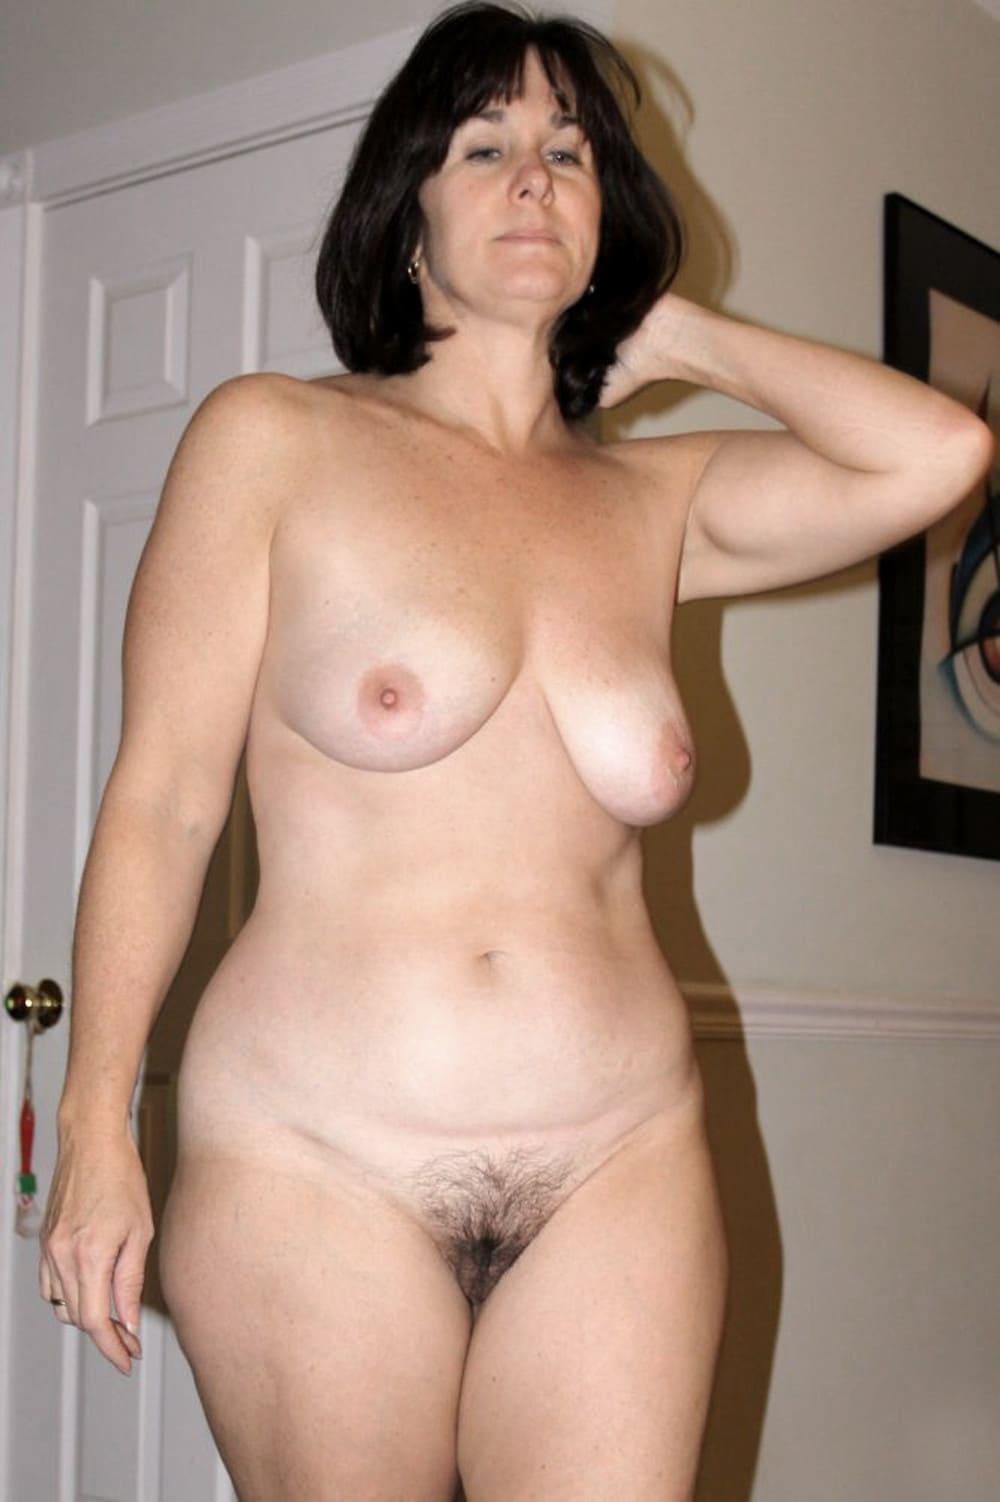 Голые волосатые тетки стоит левую руку подняв, фигура красивая, пизда не бритая, сиськи торчат.